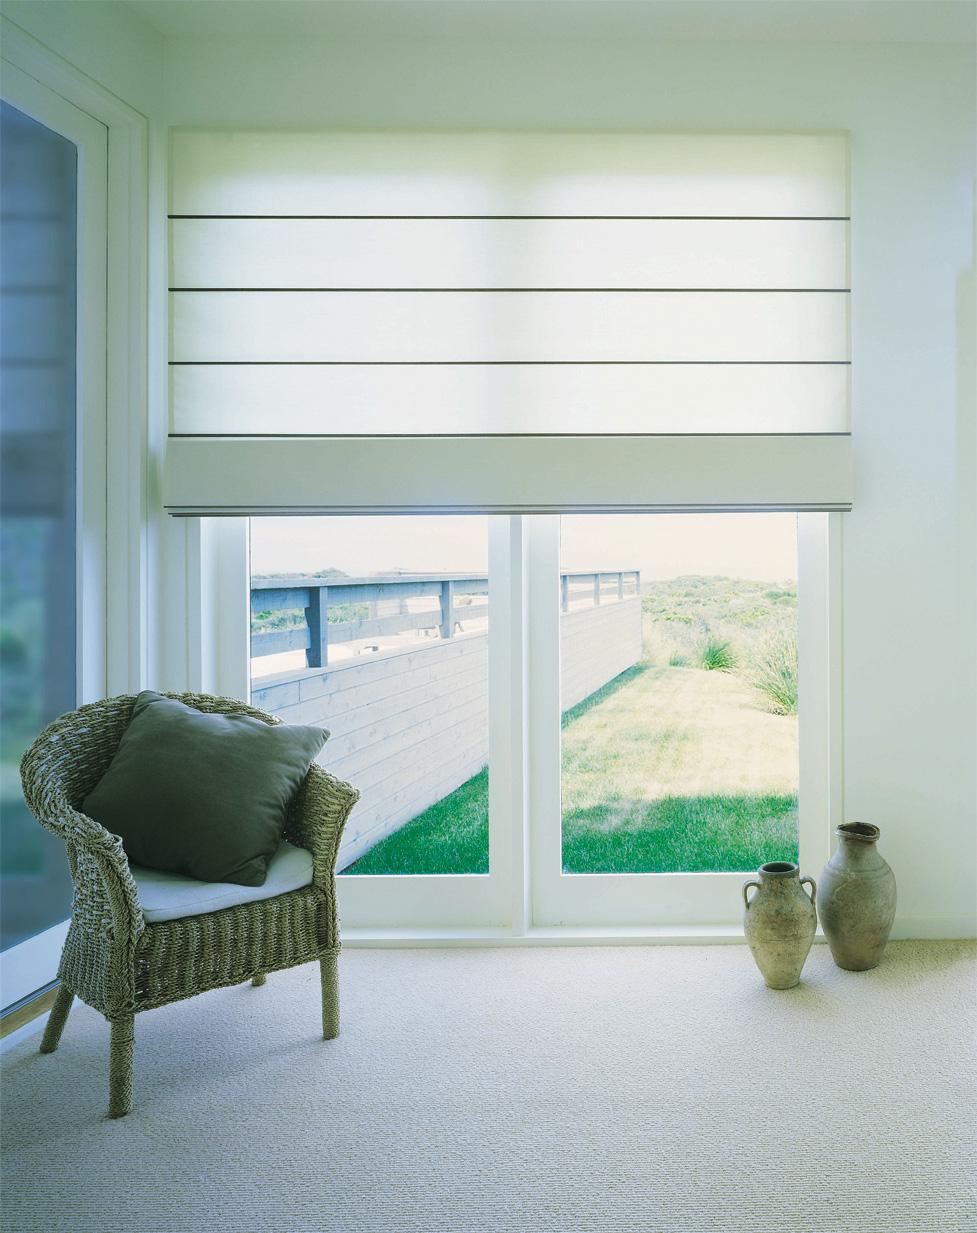 Рулонные шторы в зал (52 фото): разные виды рулонных штор на окна в интерьере гостиной